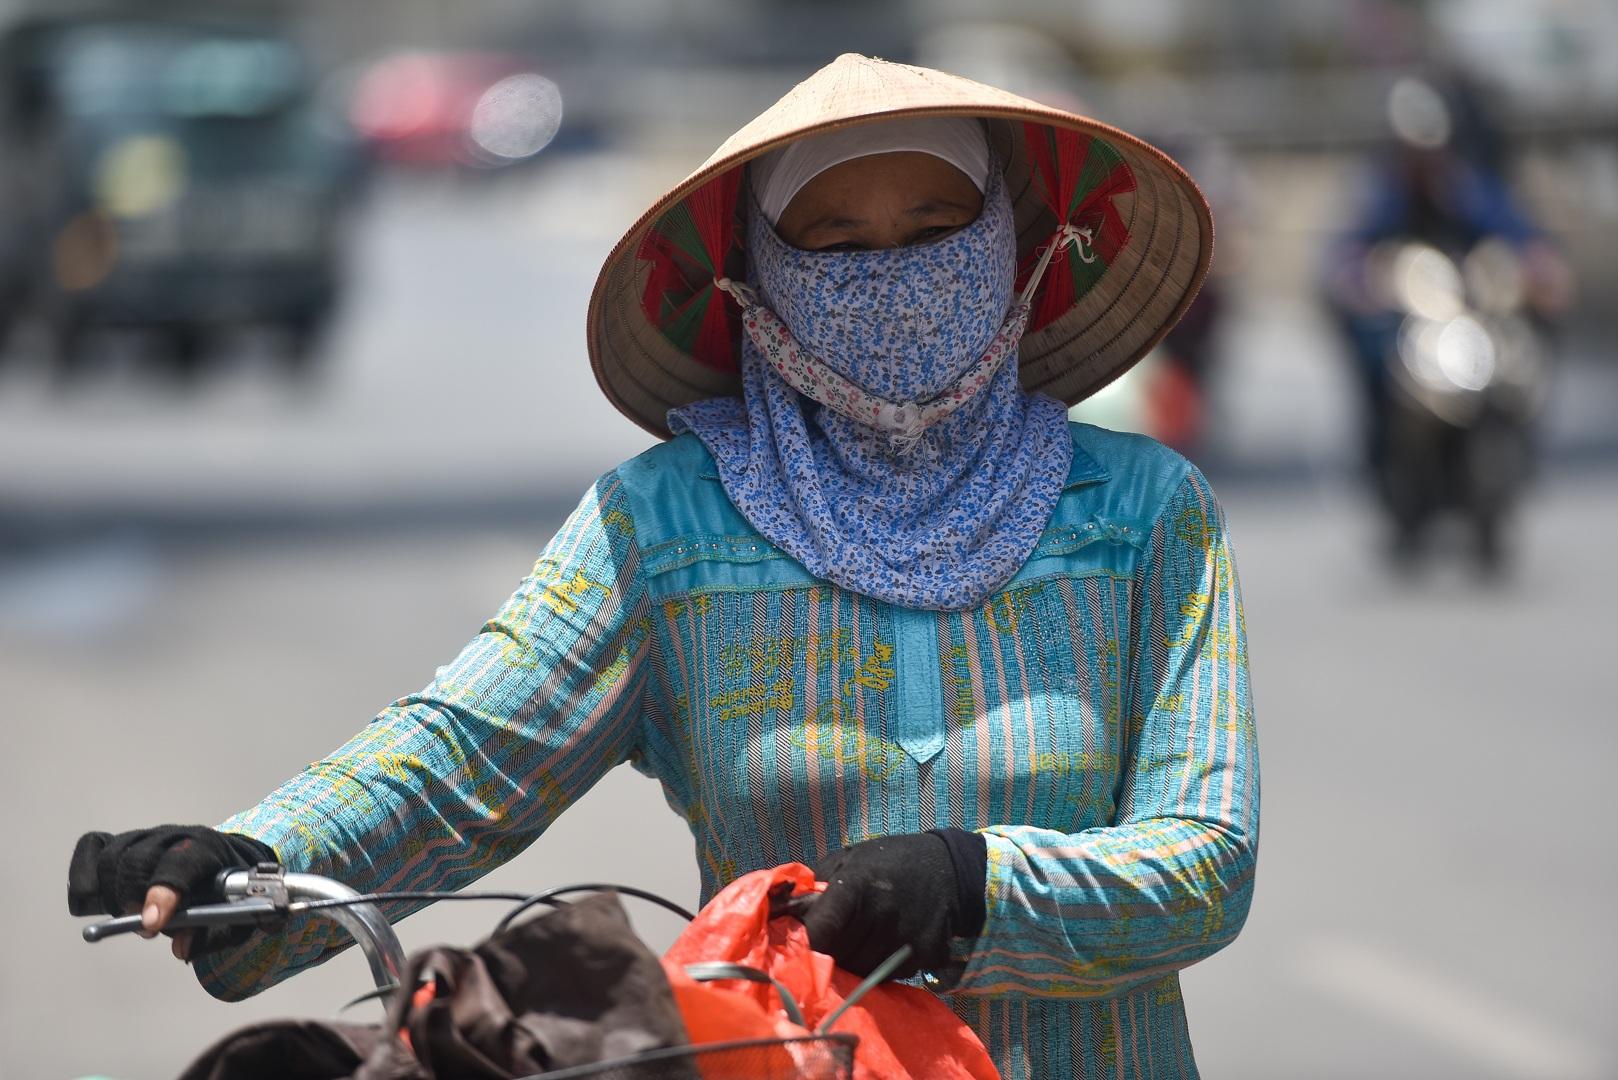 Hà Nội: Mát lòng trà chanh đá miễn phí giữa ngày nắng đỉnh điểm - 1